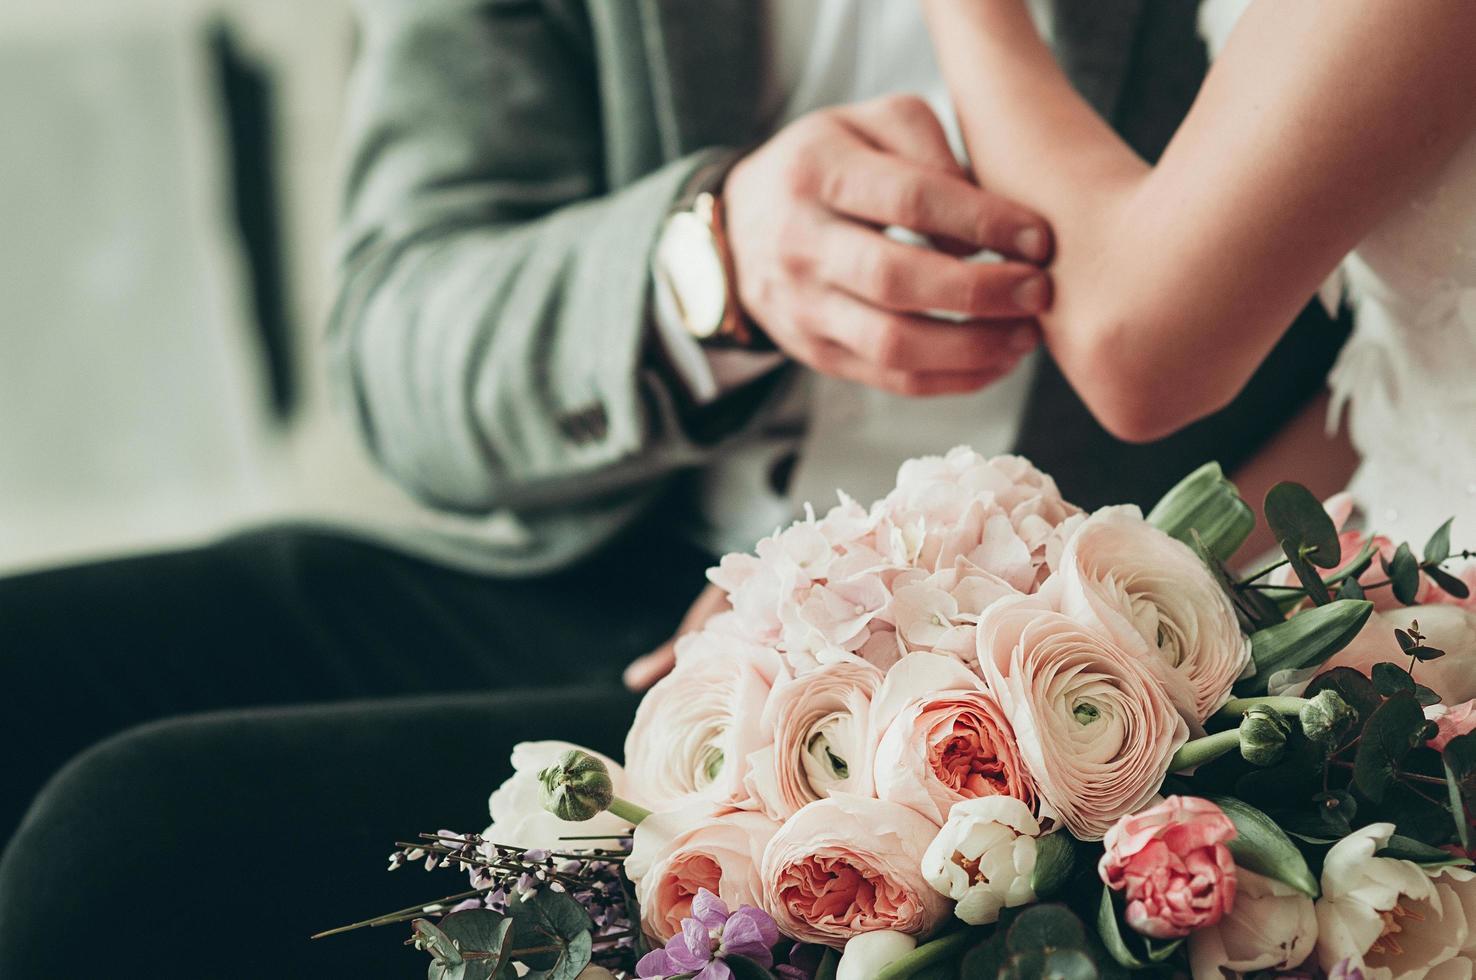 Hochzeitsstrauß mit verschwommenem Brautpaar im Hintergrund foto